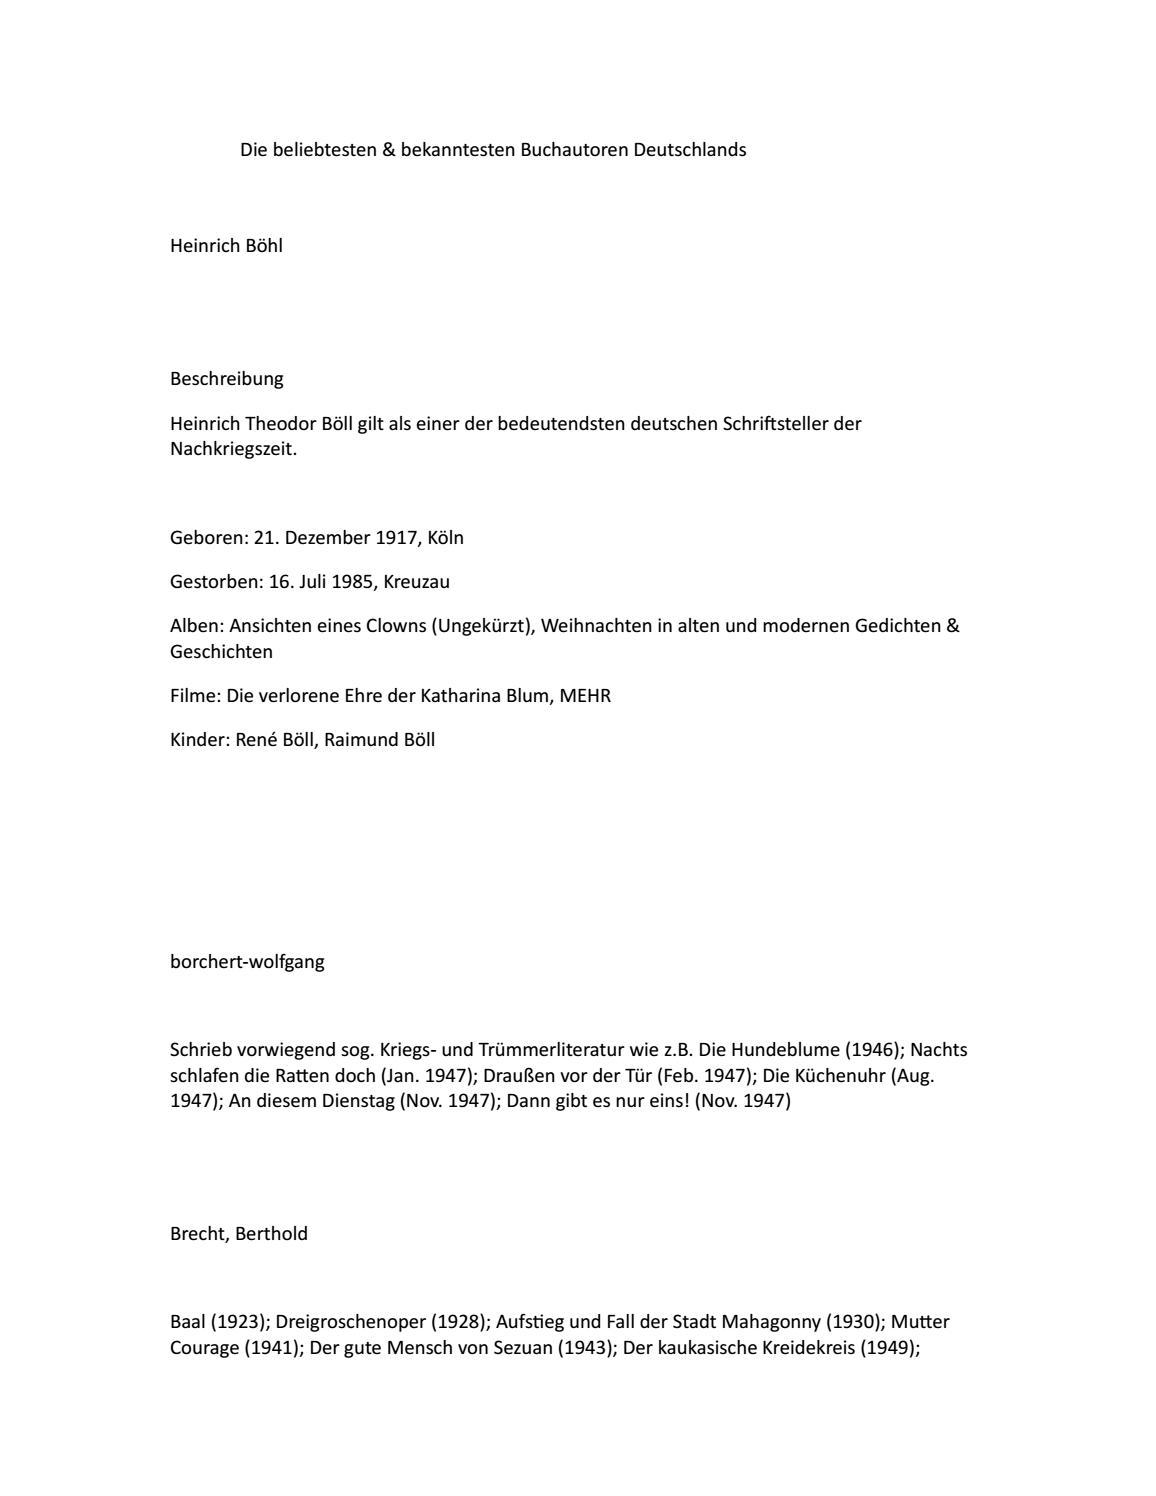 Die Beliebsten Bekanntesten Autoren Deuschlands By